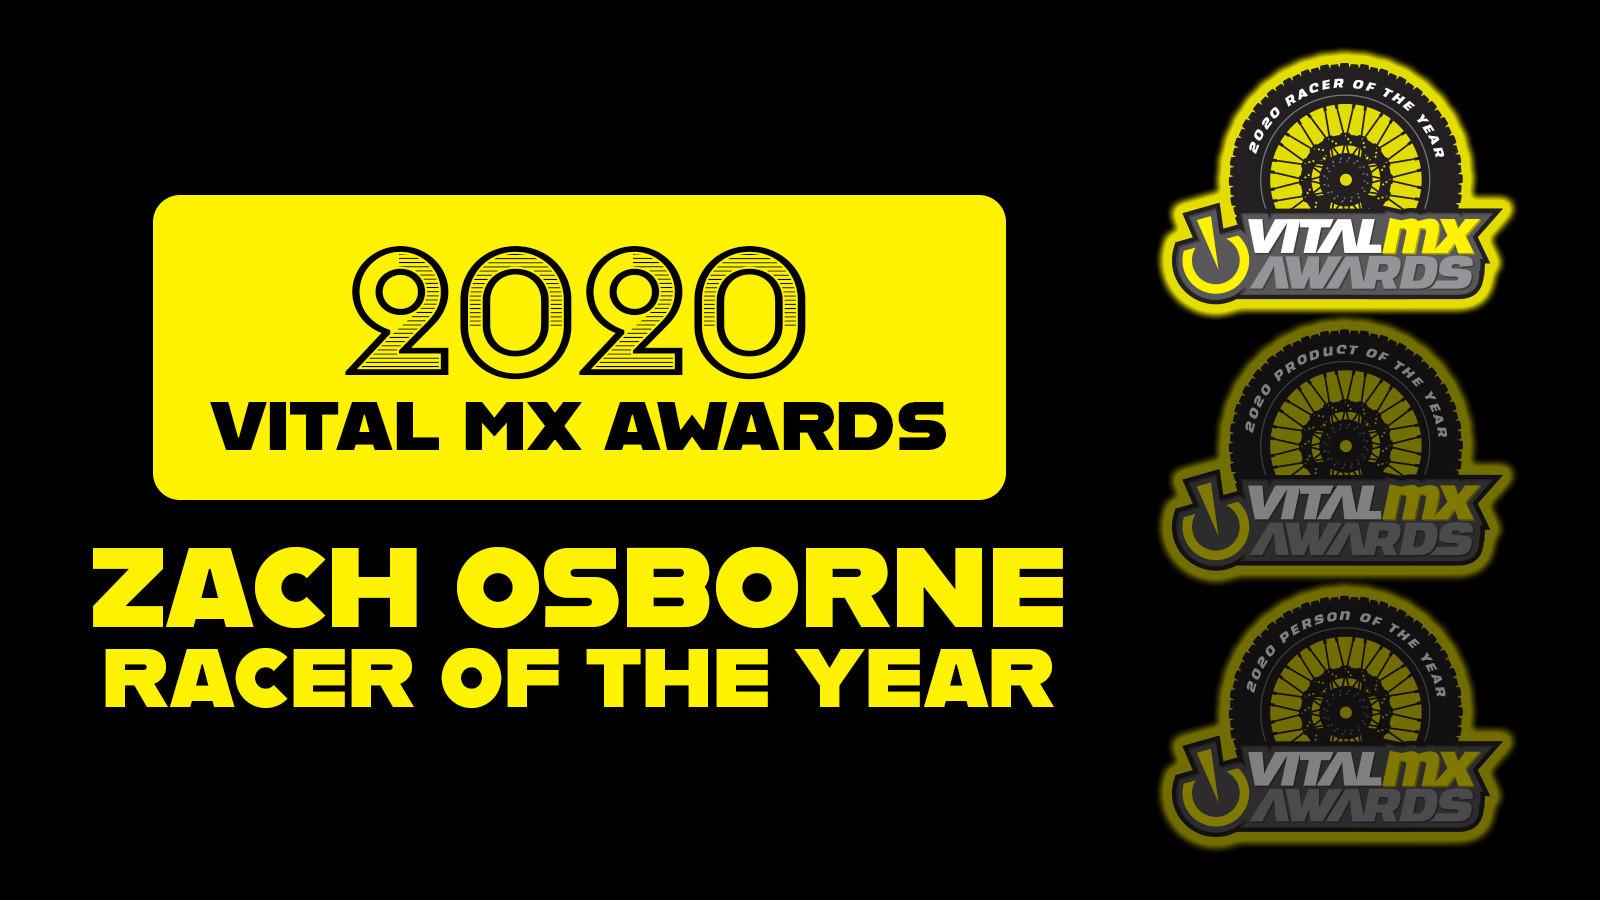 2020 Vital MX Awards: Racer of the Year - Zach Osborne